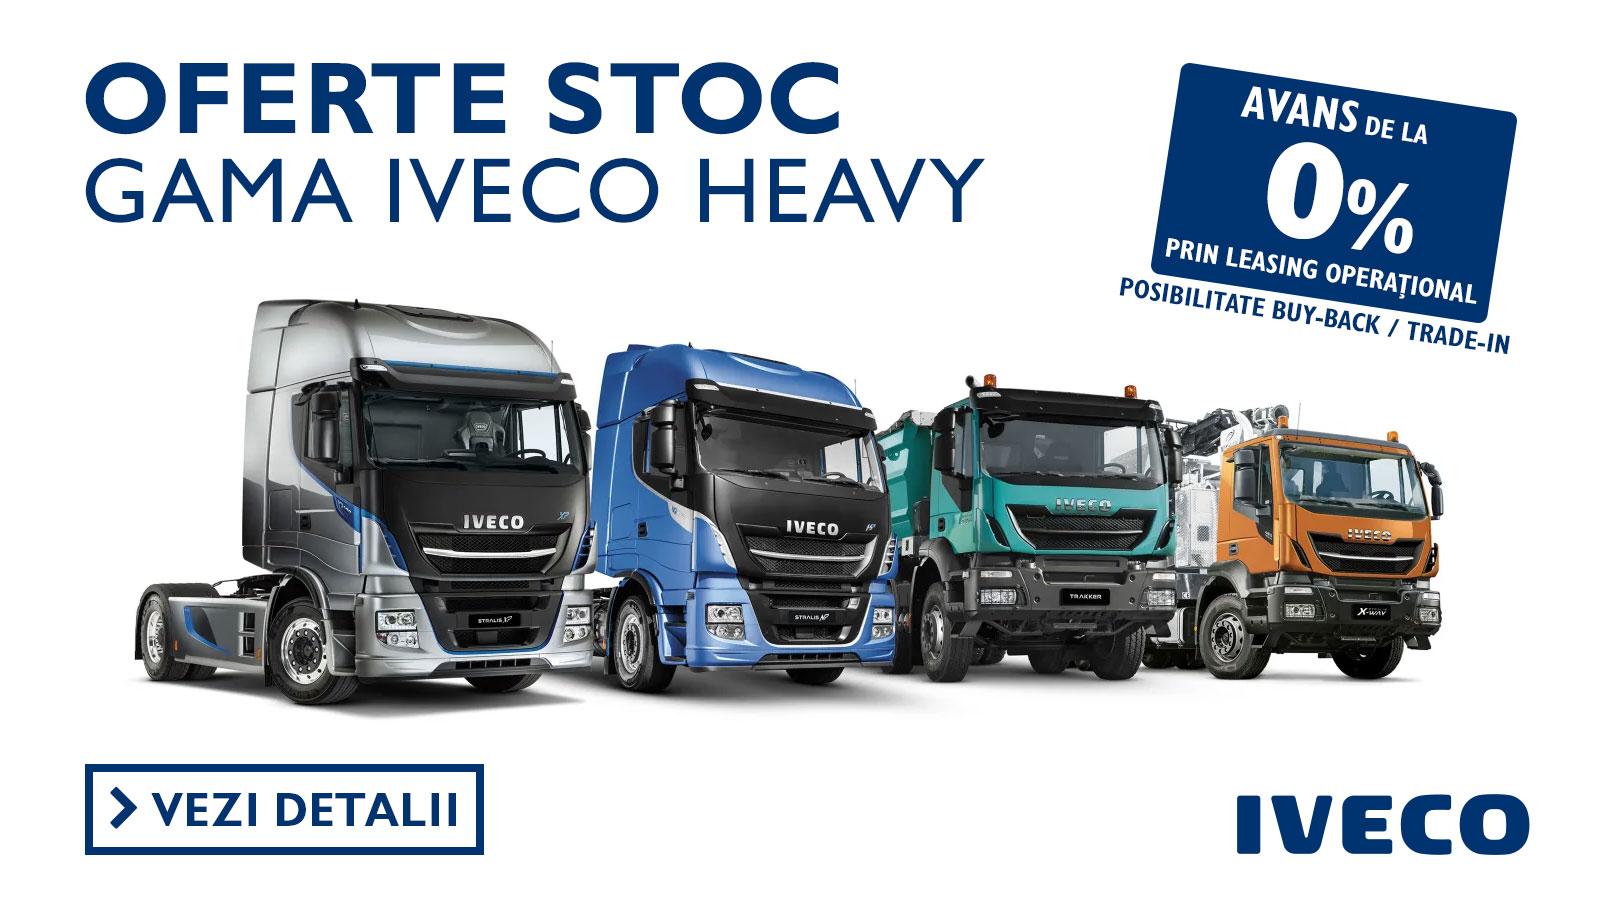 Oferte stoc gama Iveco Heavy